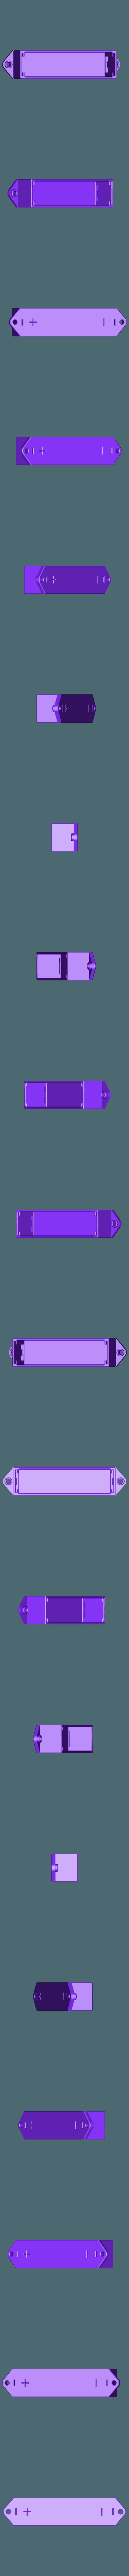 18650 Battery Holder.STL Télécharger fichier STL gratuit Présentoir pivotant à 360 • Modèle à imprimer en 3D, MAKEIT